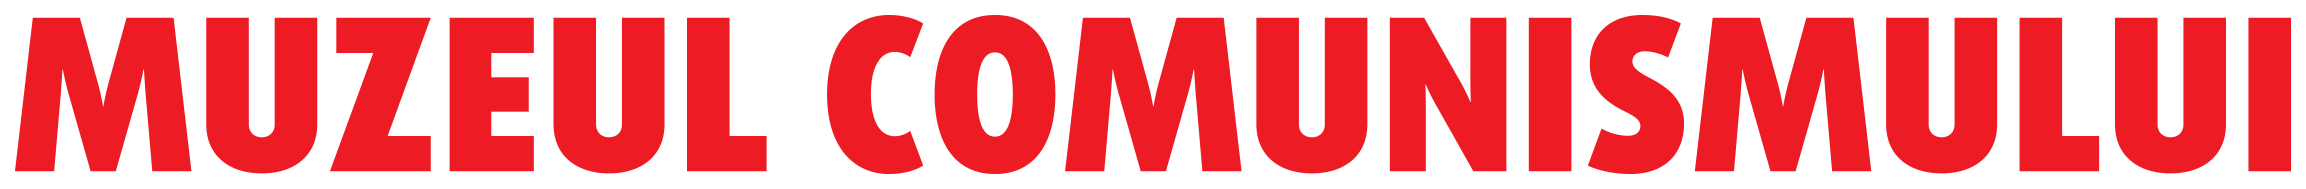 logo muzeul comunismului